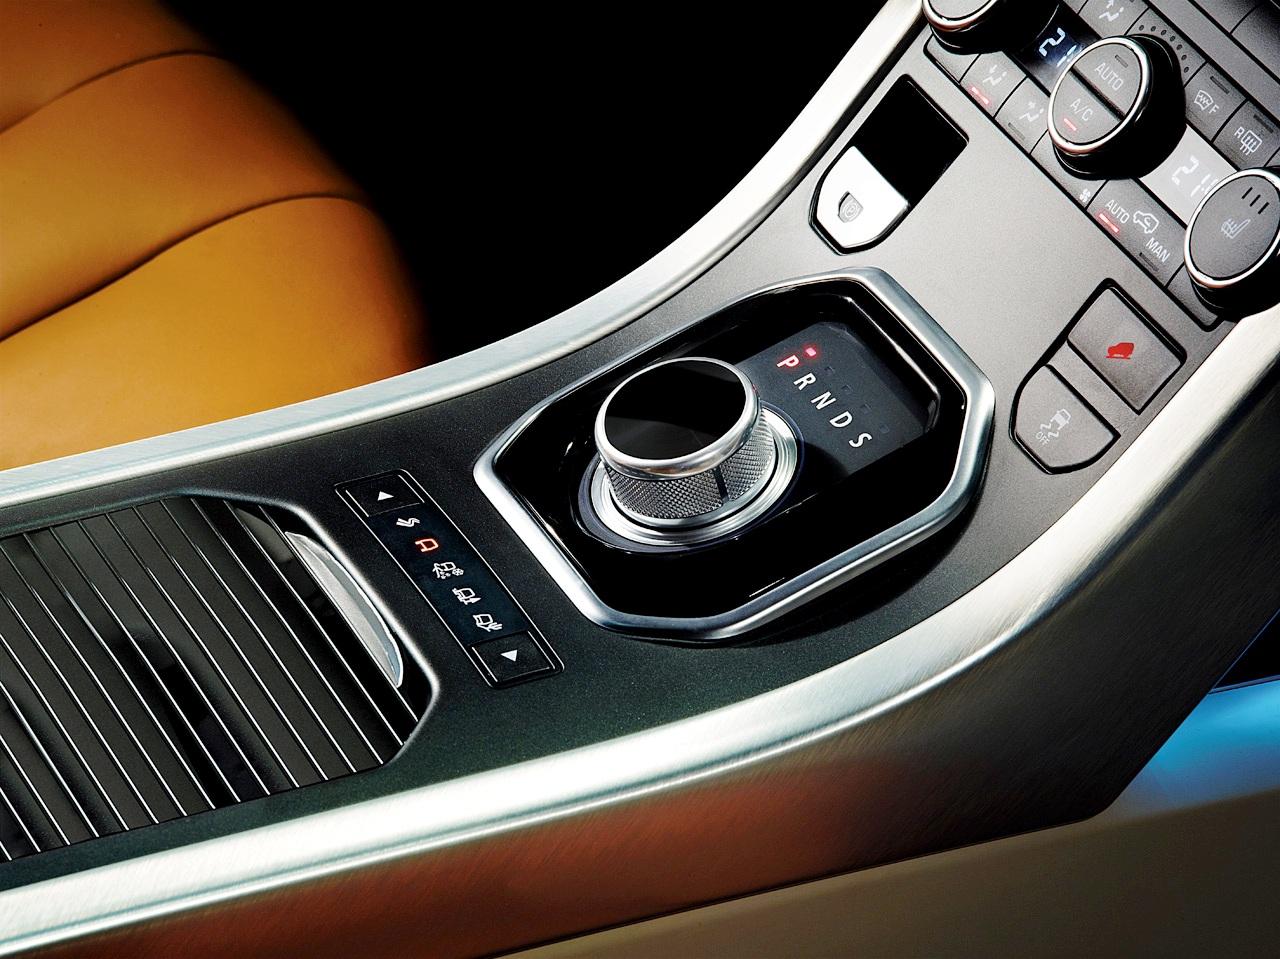 http://3.bp.blogspot.com/-e-z2R-XAEw8/TlZIUZLRwHI/AAAAAAAAD3M/dHTKf2SJVCA/s1600/Range-Rover-Evoque-Victoria-Beckham-Special-Edition+%25285%2529.jpg